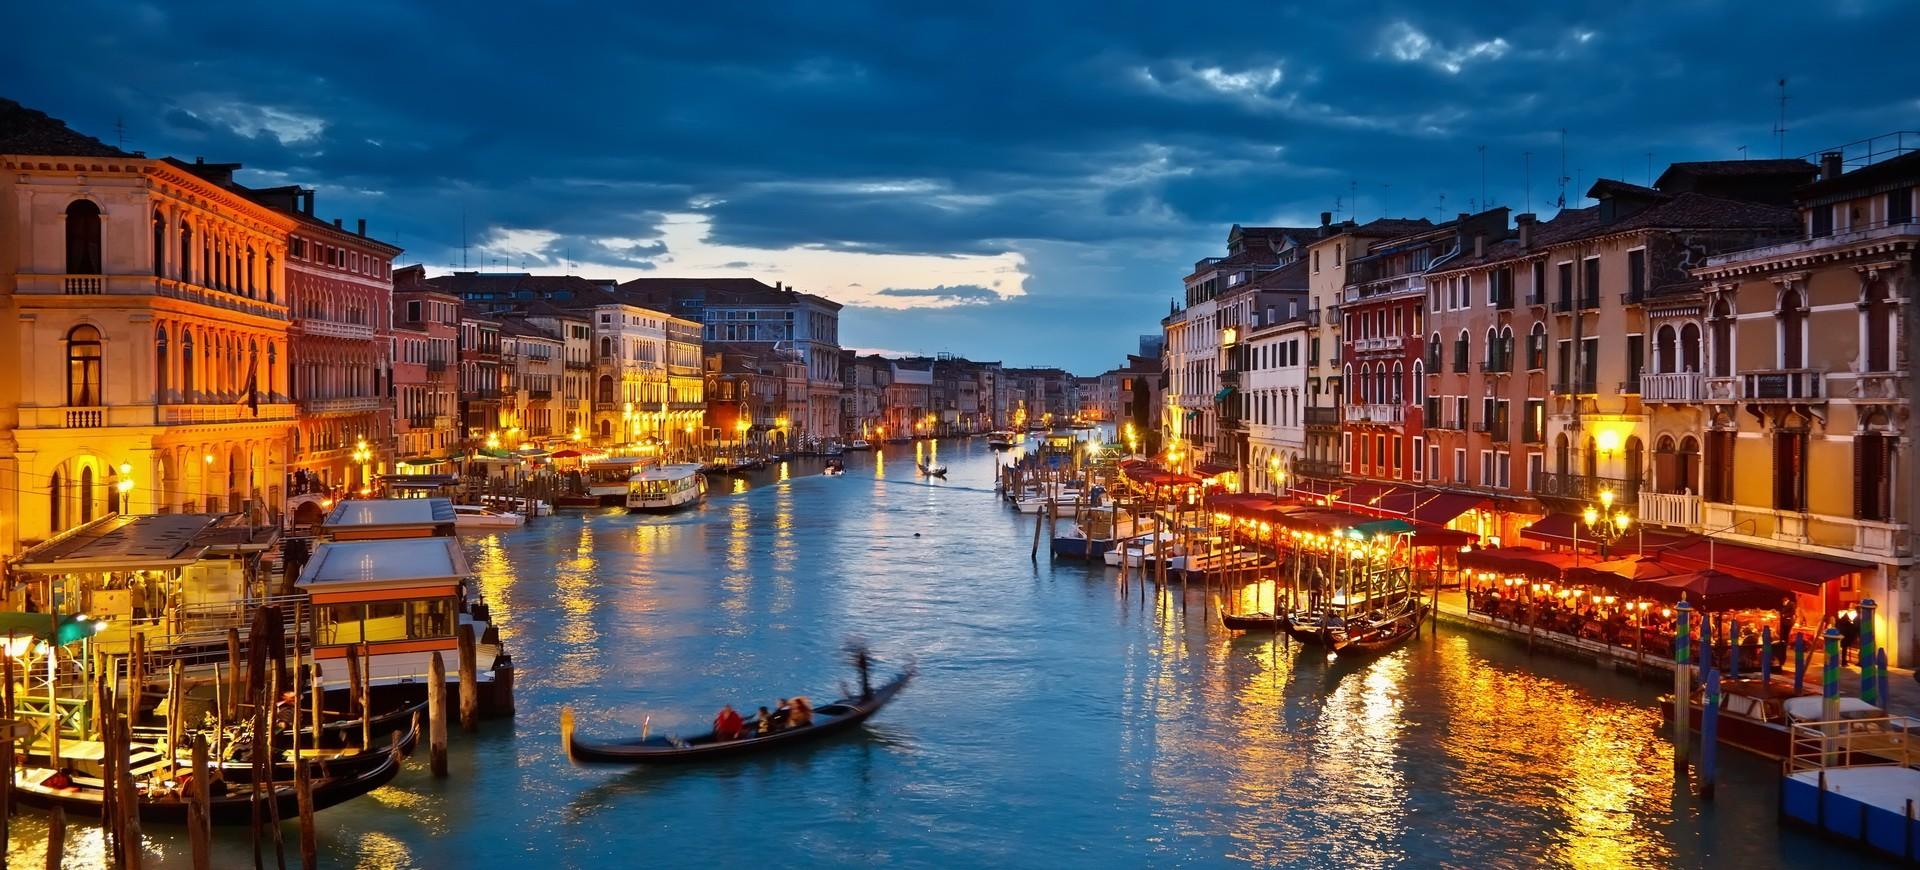 Voyages et week-ends pour groupes en Italie